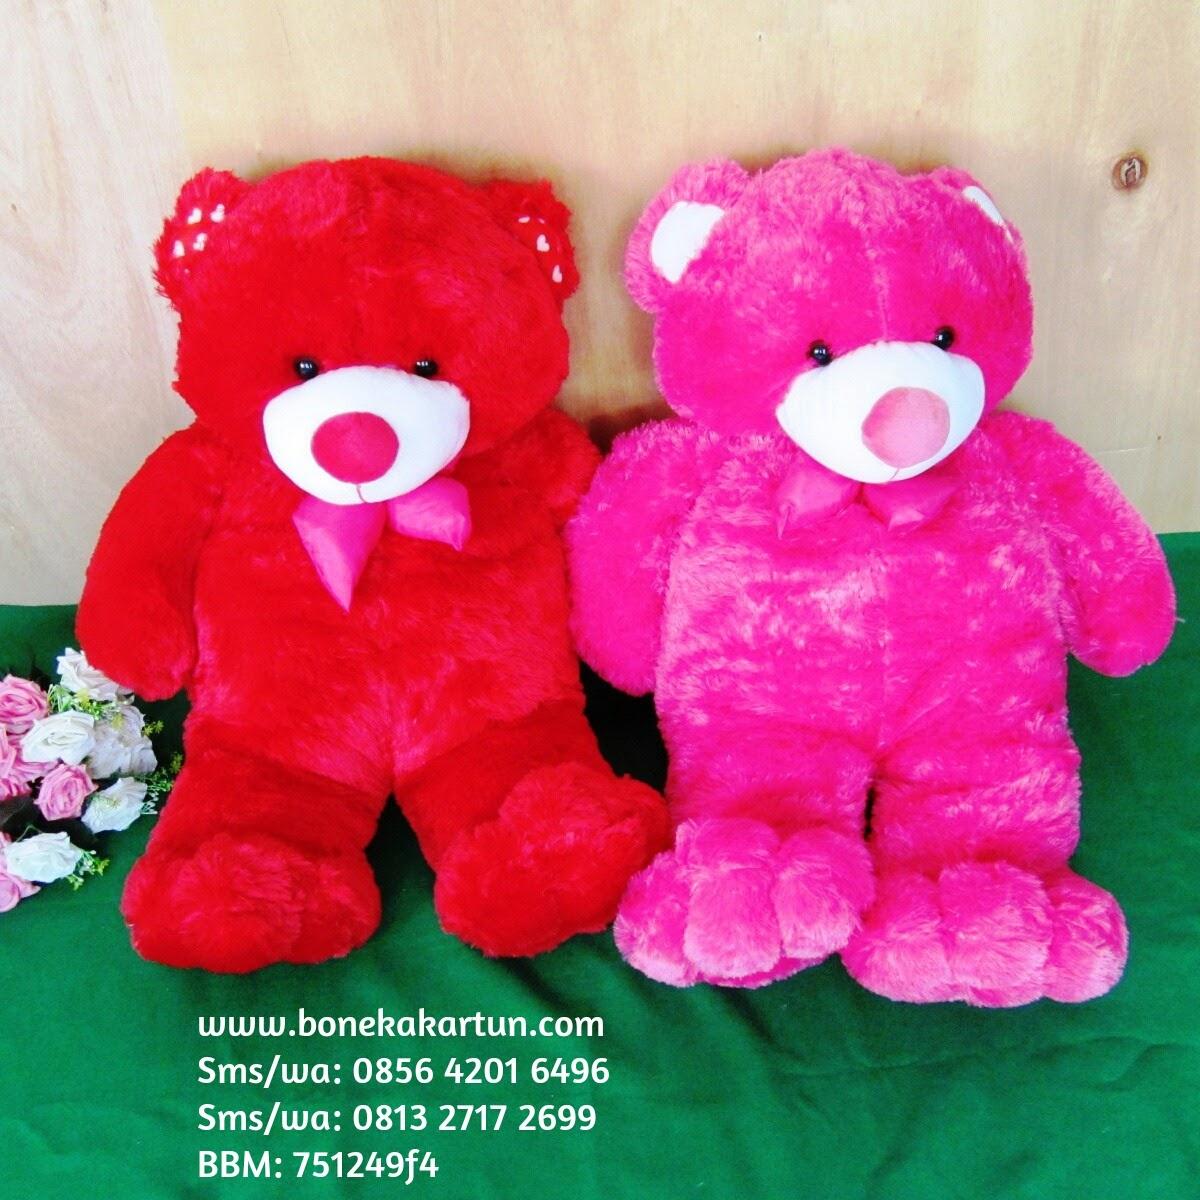 Gambar Boneka Lucu Warna Pink Terbaru Ratuhumor